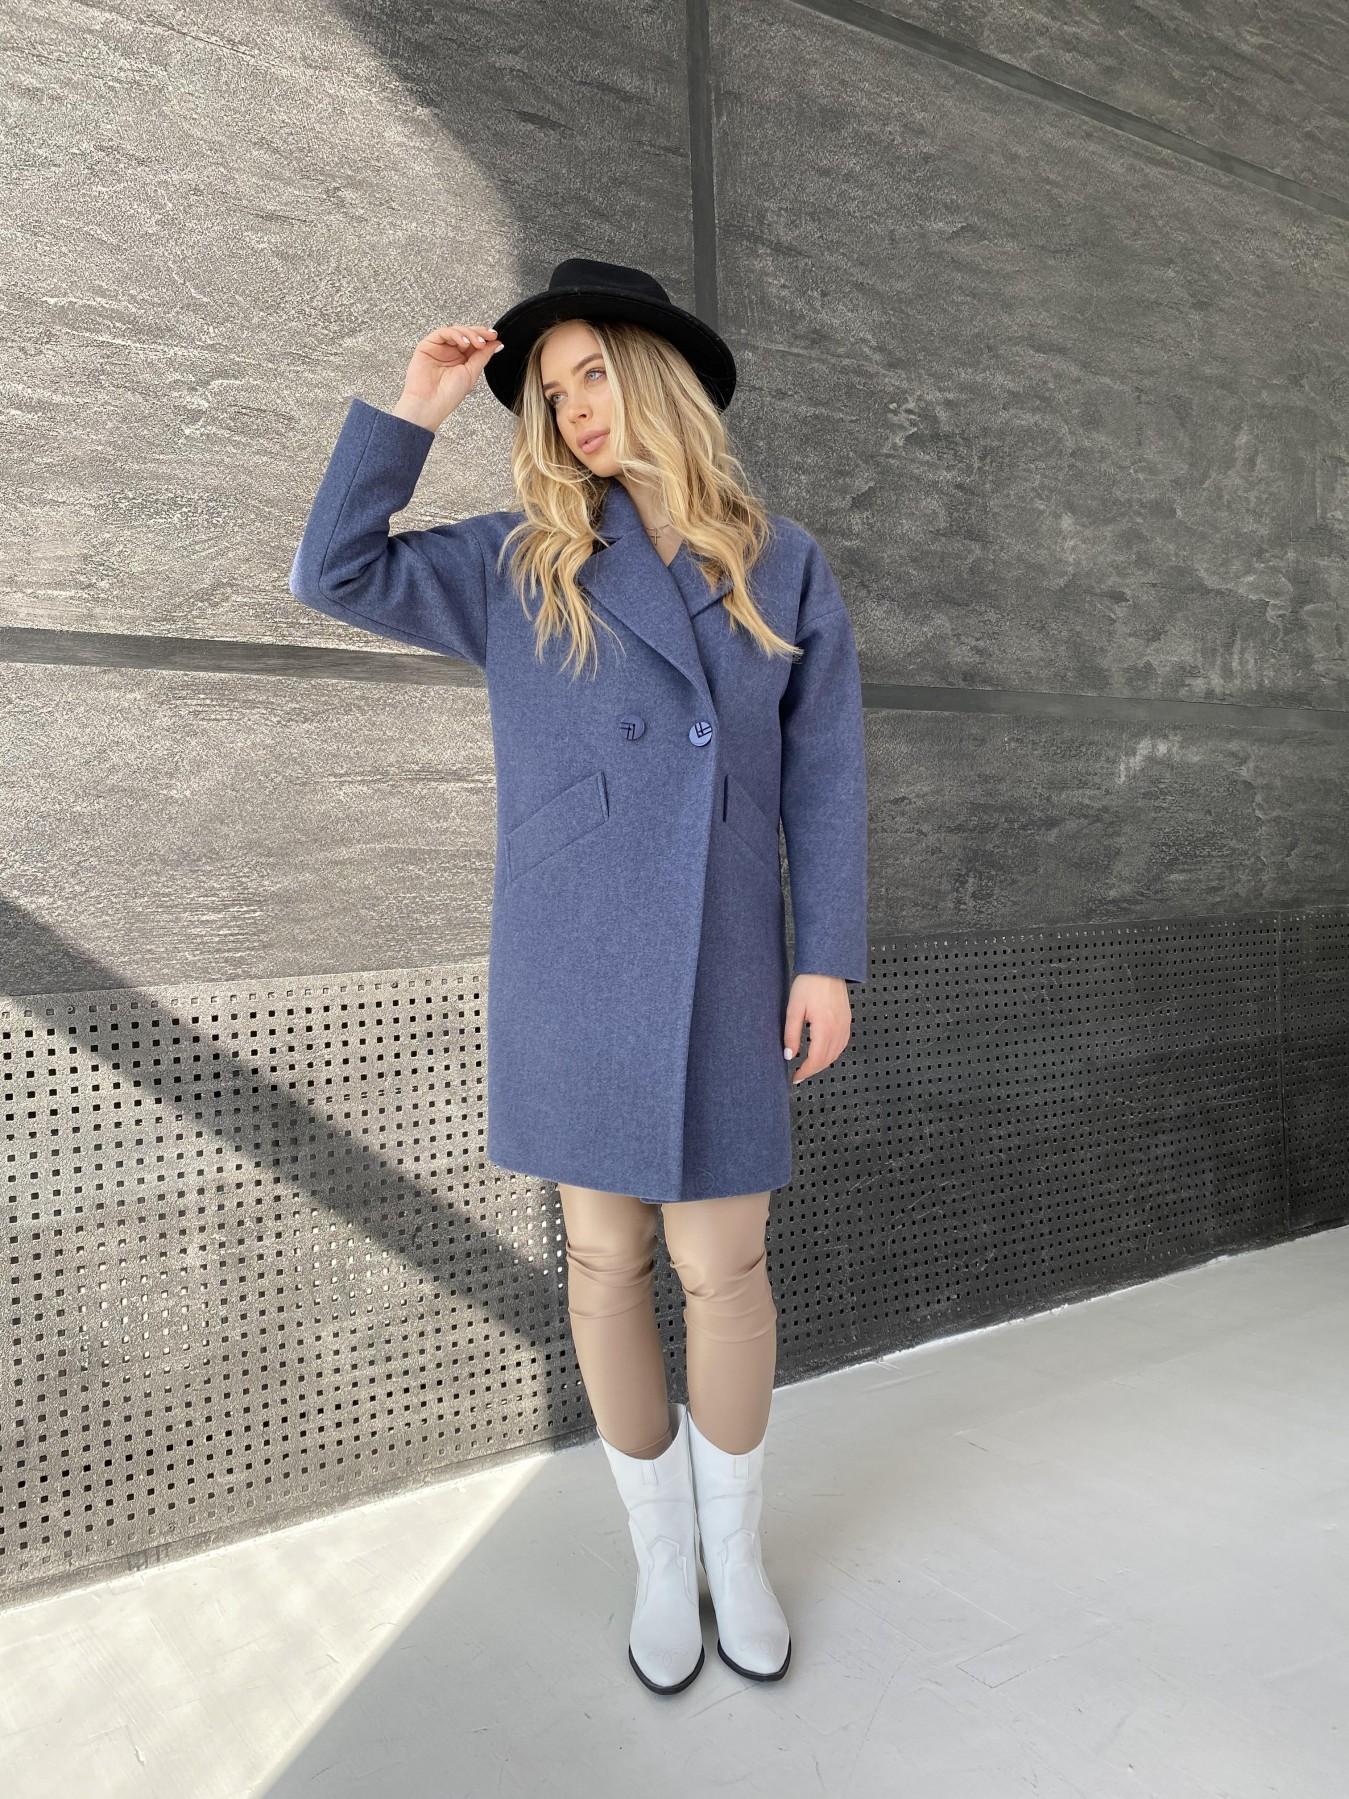 Сенсей пальто из кашемира меланж  10745 АРТ. 47228 Цвет: Джинс 57 - фото 2, интернет магазин tm-modus.ru